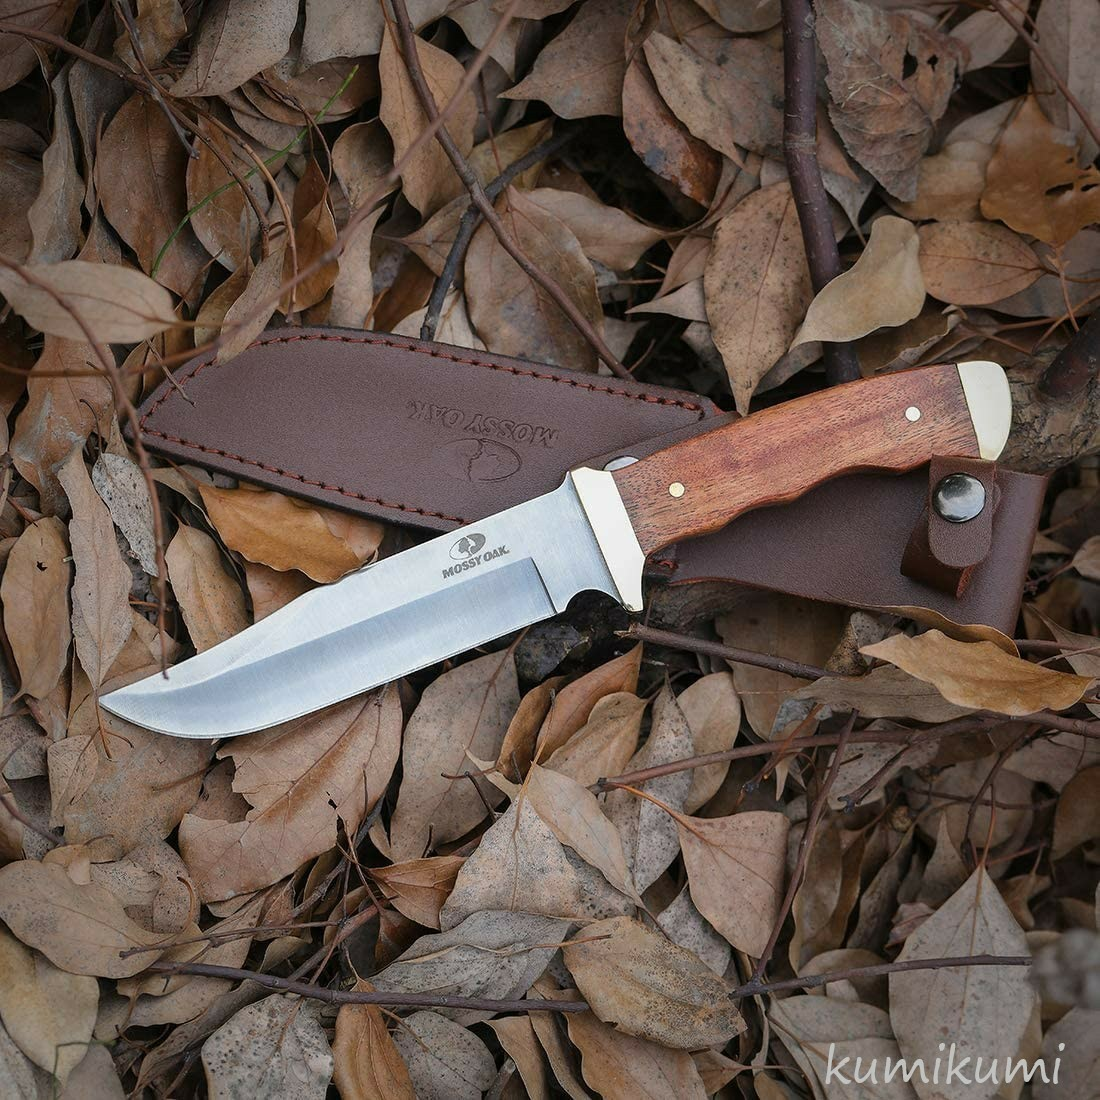 MOSSY OAK シースナイフ サバイバルナイフ 全長275mm アウトドア